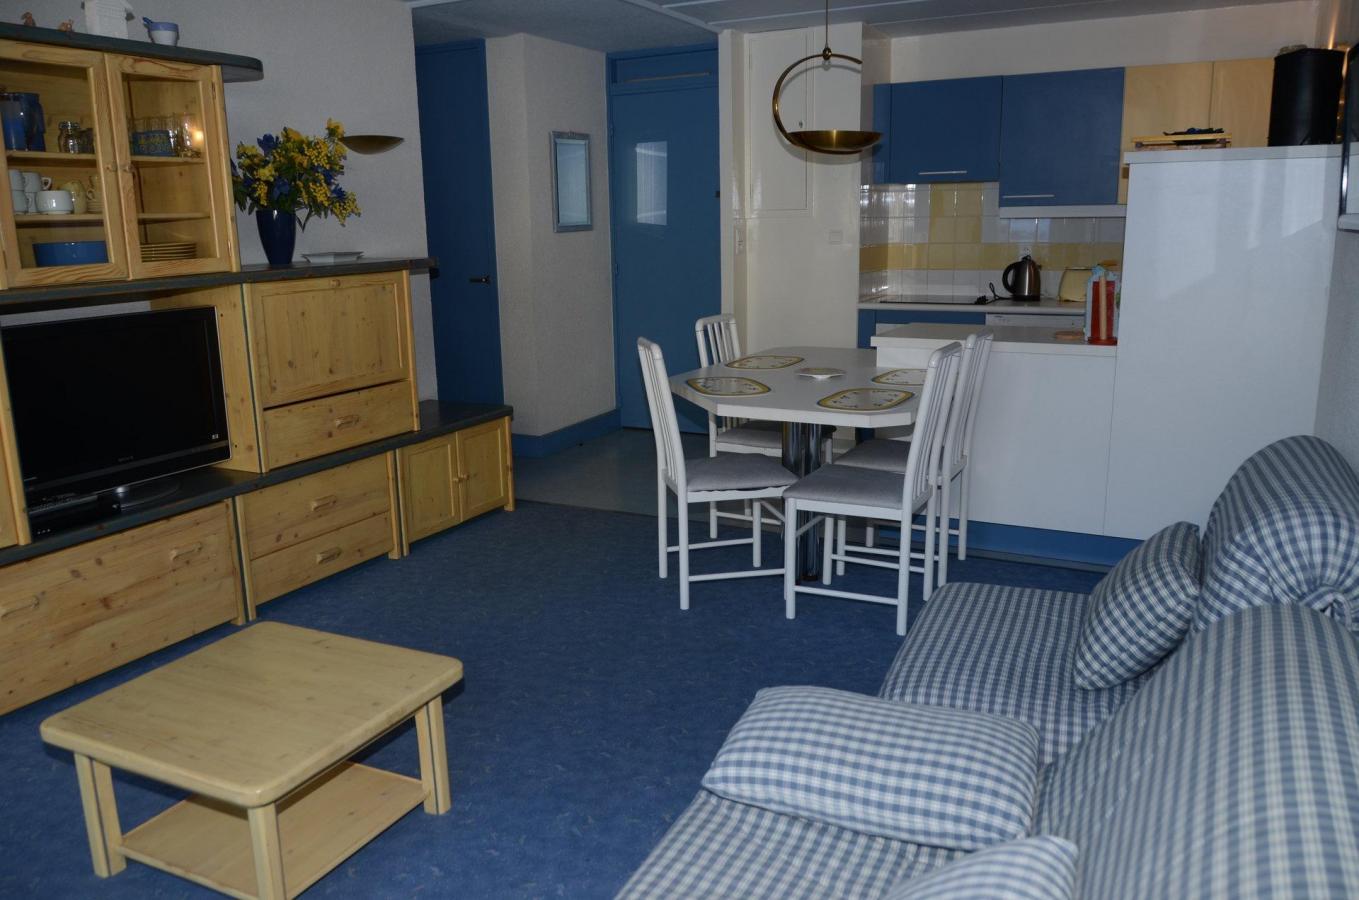 Location au ski Appartement 2 pièces 6 personnes (4) - La Residence Betelgeuse - Flaine - Séjour